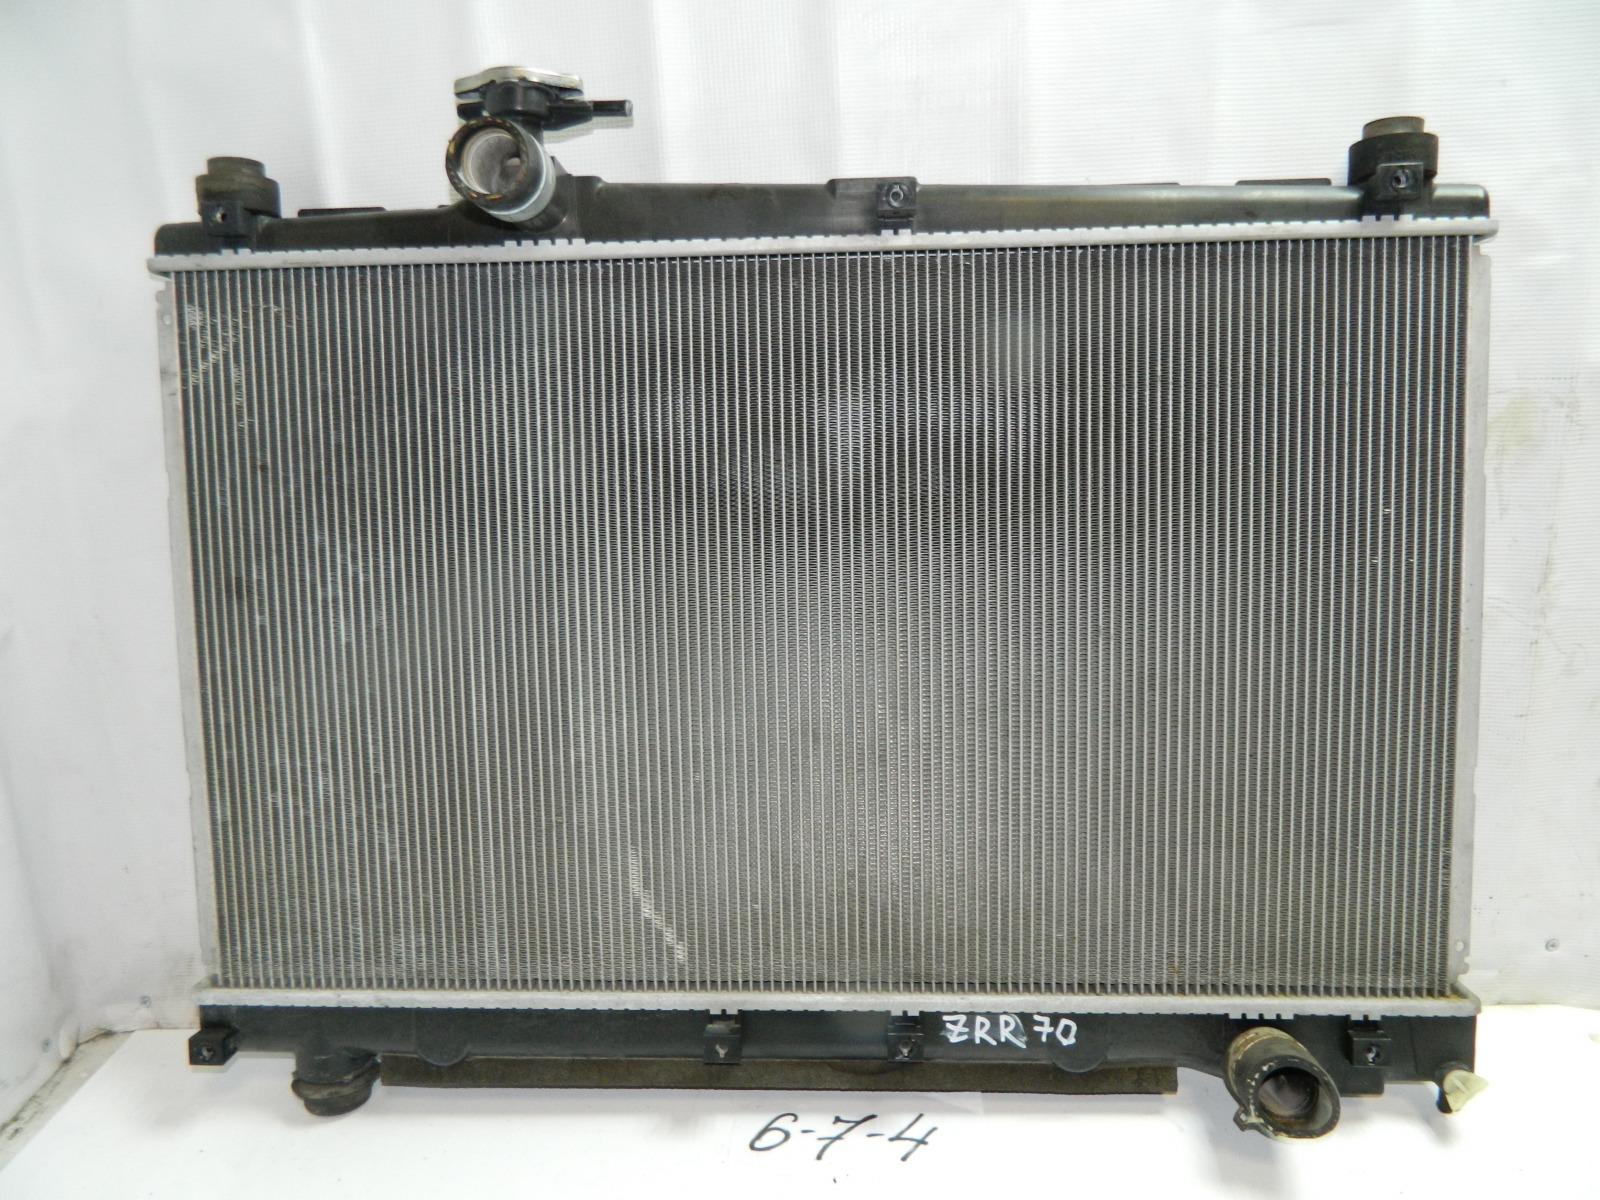 Радиатор двс Toyota Noah ZRR70 (б/у)